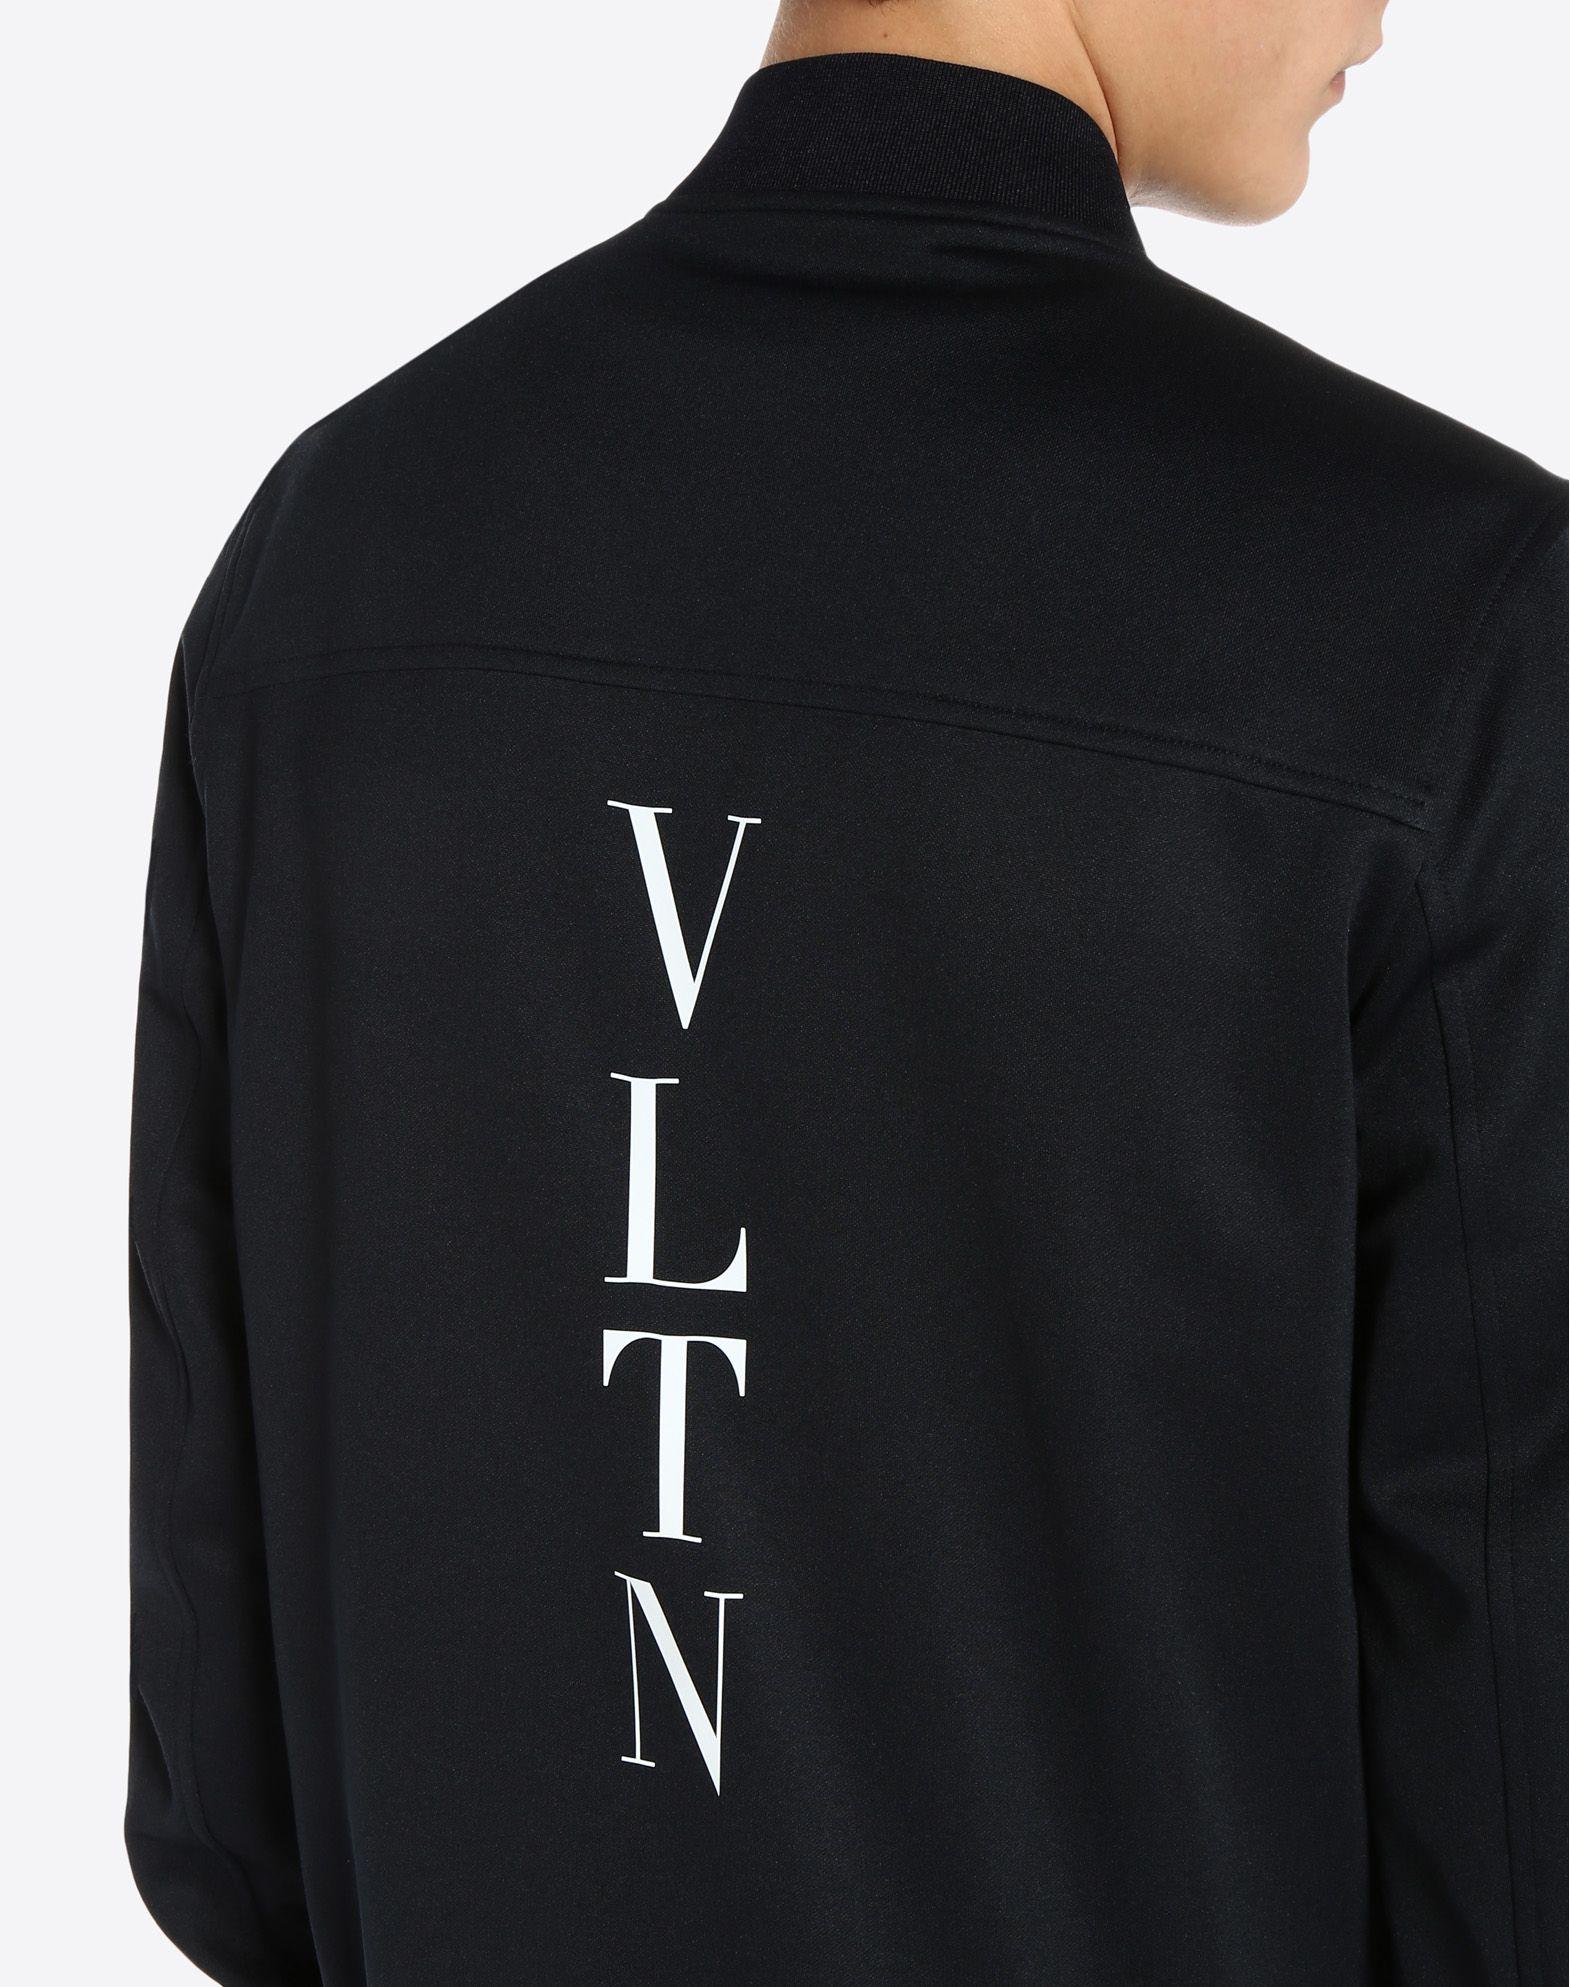 VALENTINO UOMO Sudadera con rayas verticales grabadas y logotipo VLTN CHAQUETA U a